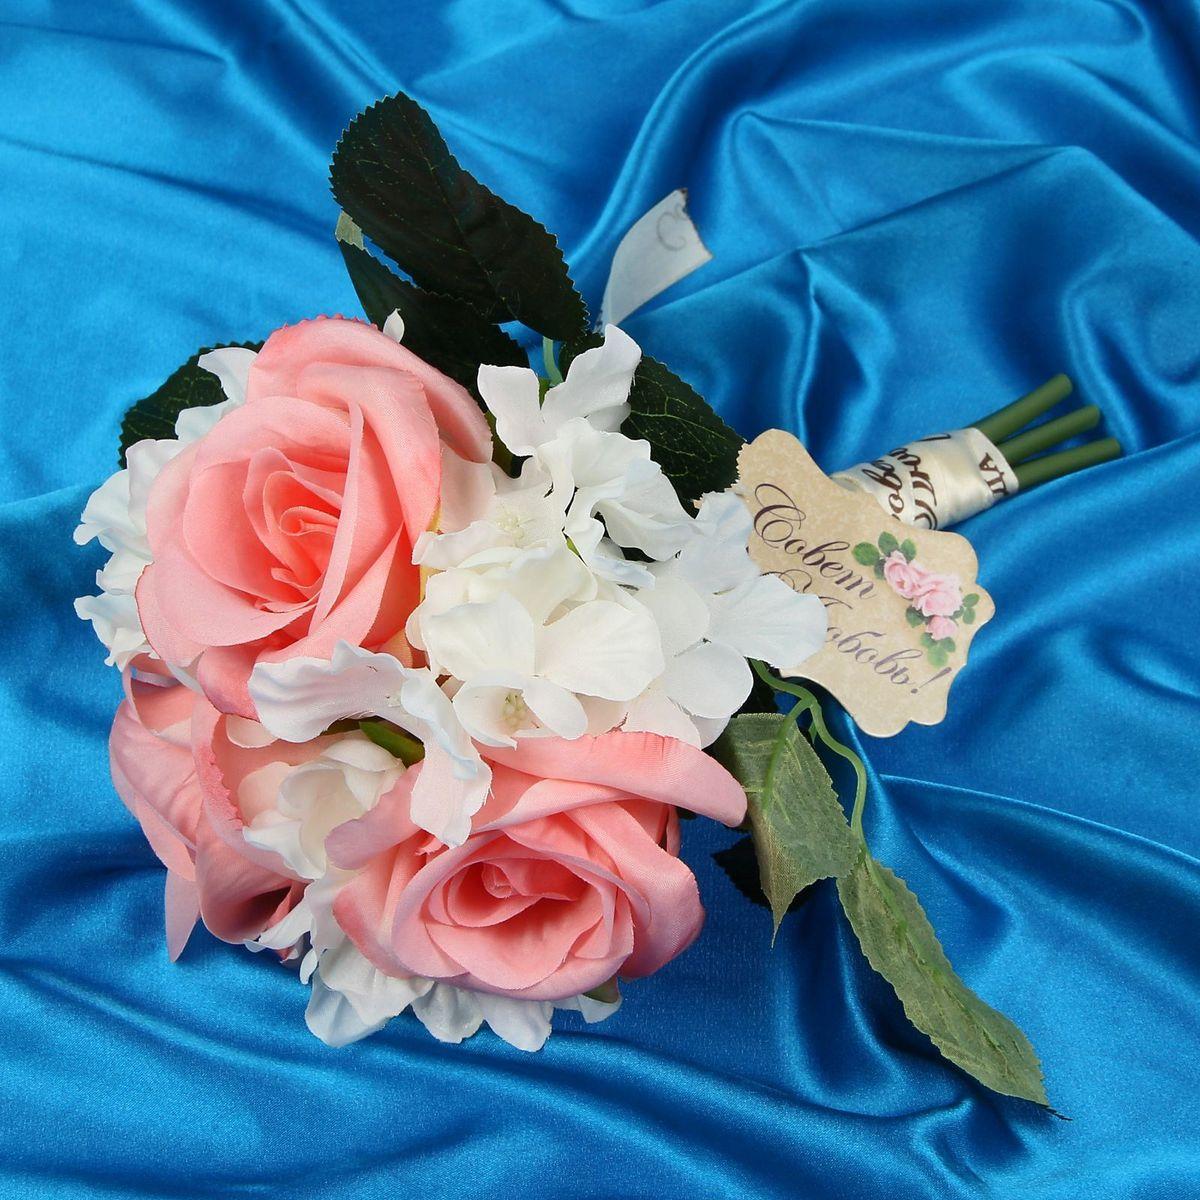 Букет-дублер Sima-land Нежность, цвет: розовый1212624Свадьба — одно из главных событий в жизни человека. В такой день всё должно быть безупречно, особенно букет невесты. Но кидать, по старой традиции, цветочную композицию подругам не всегда удобно, и на помощь приходит букет-дублер Нежность розы, гортензии — красивый и яркий аксессуар. Стебли оформлены лентой с надписью Совет да любовь. Букет дополнен шильдом с тёплым пожеланием. После торжества он украсит любой интерьер, ведь нежные цветы из текстиля не завянут и не помнутся.